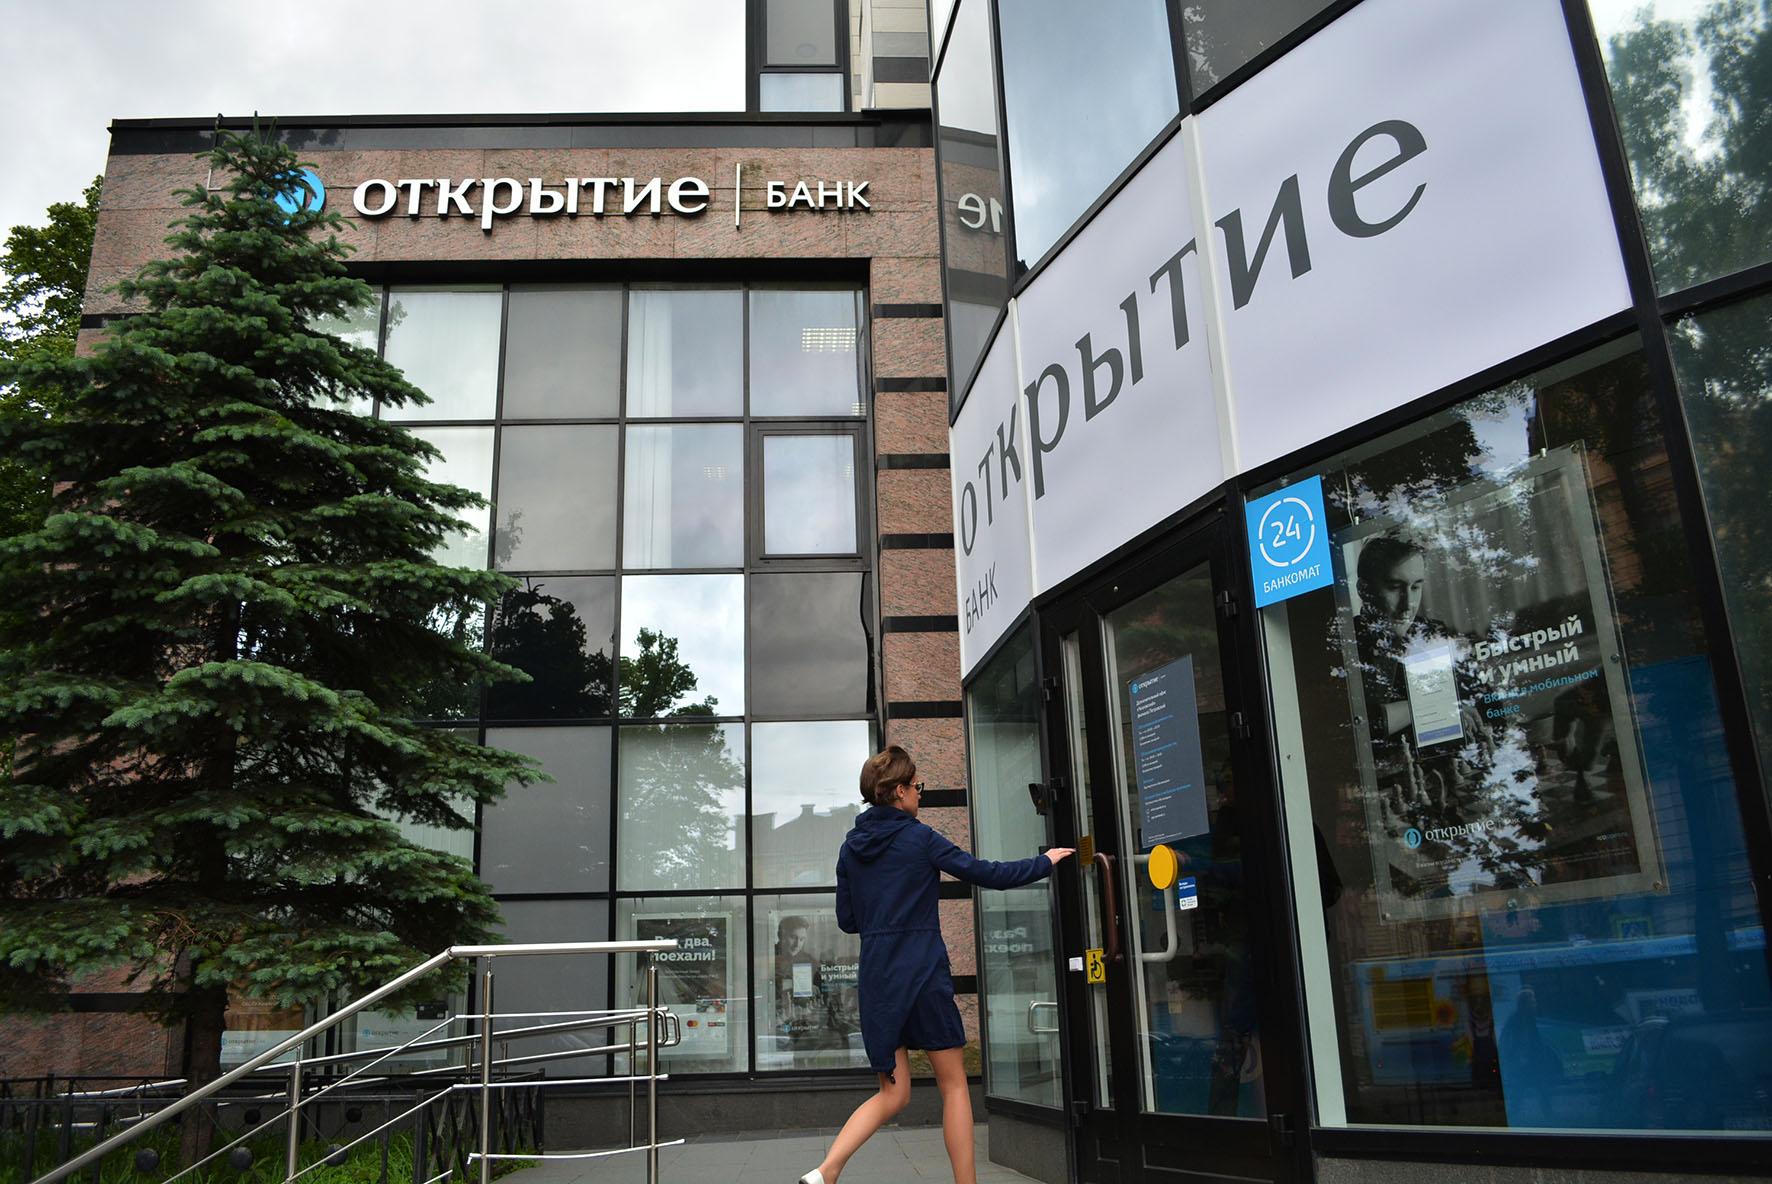 Андрей Карасев, банк «Открытие»: удаленный формат работы останется после пандемии, а переход в Digital ускорится - новости Афанасий